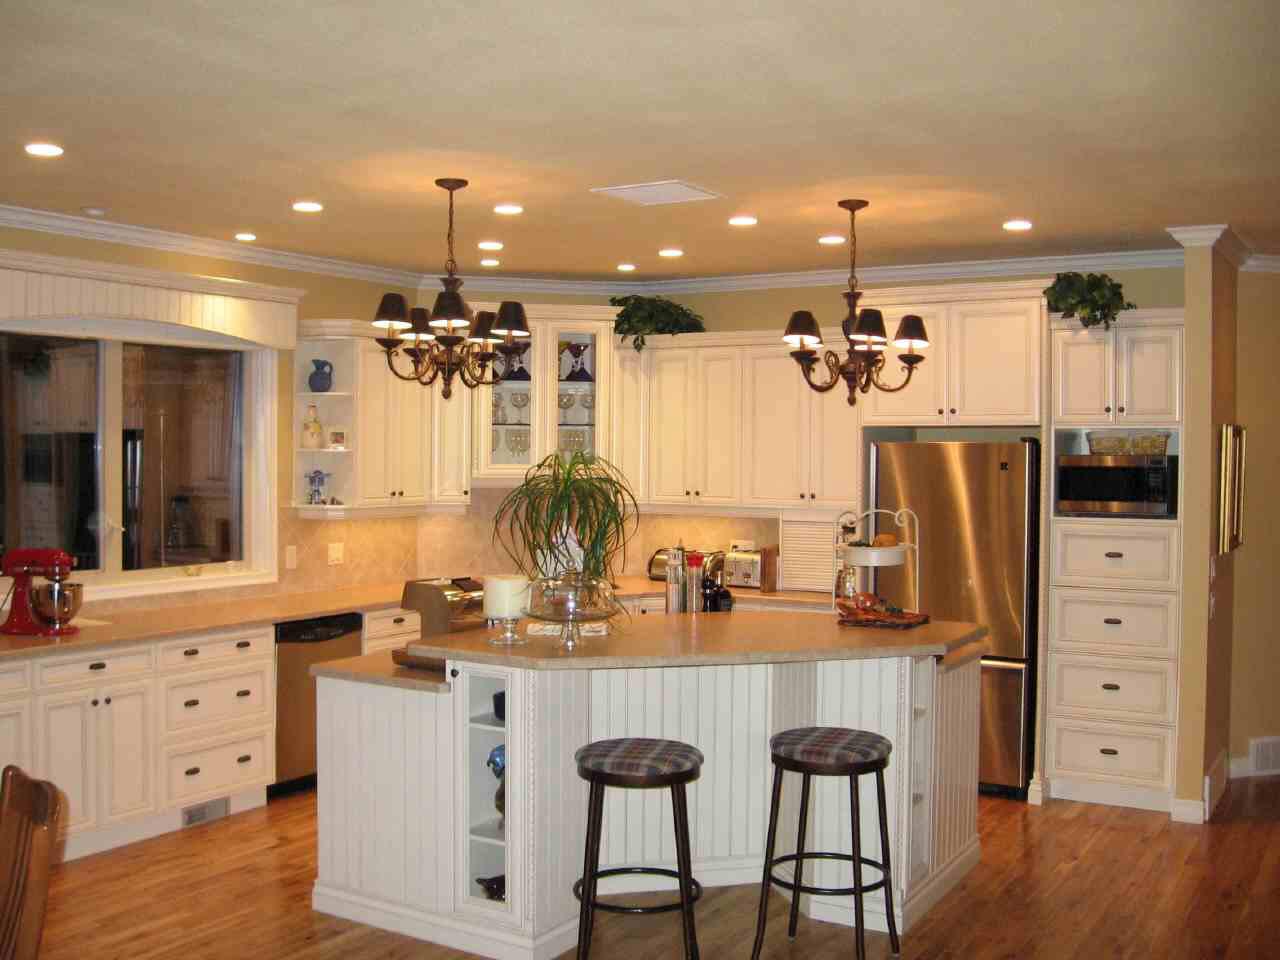 White Kitchen Interior photo - 1